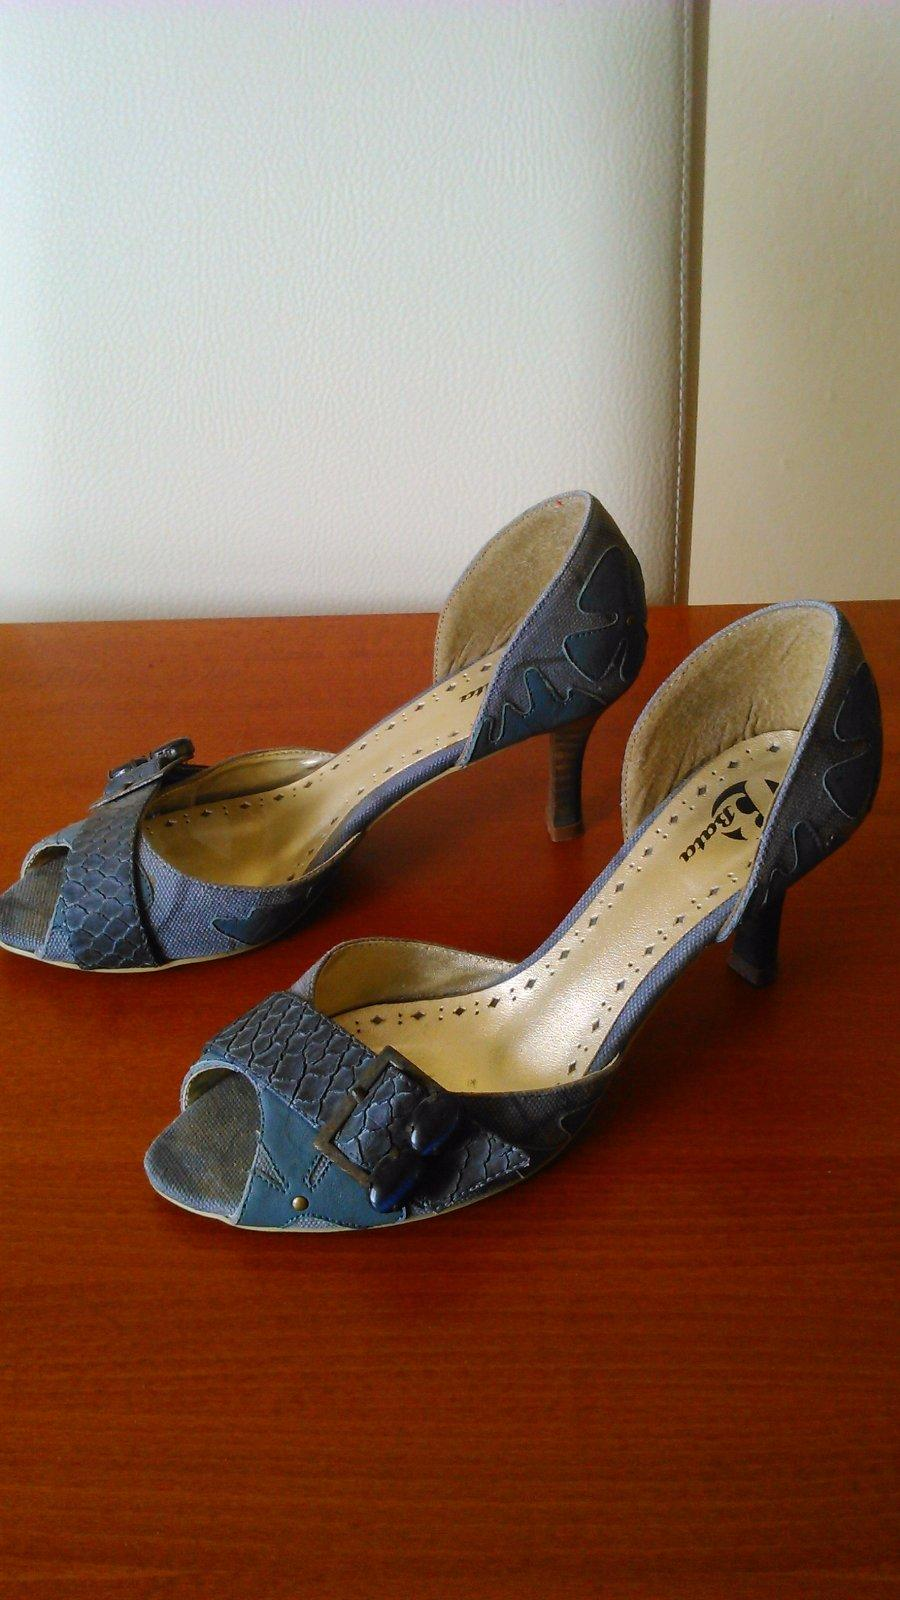 22cbe9563b7b Dámske sandále rifloveho vzhľadu zn. baťa